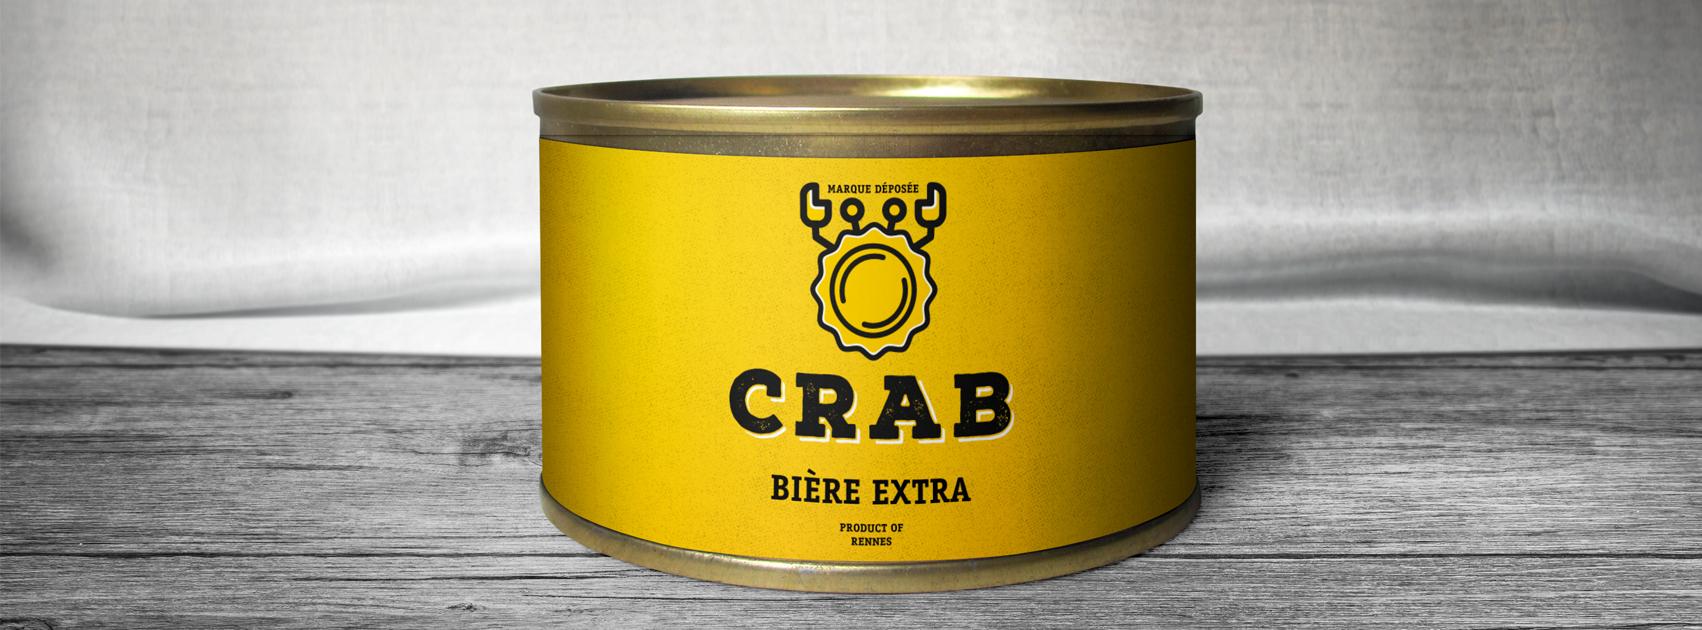 Facebook Page Crab